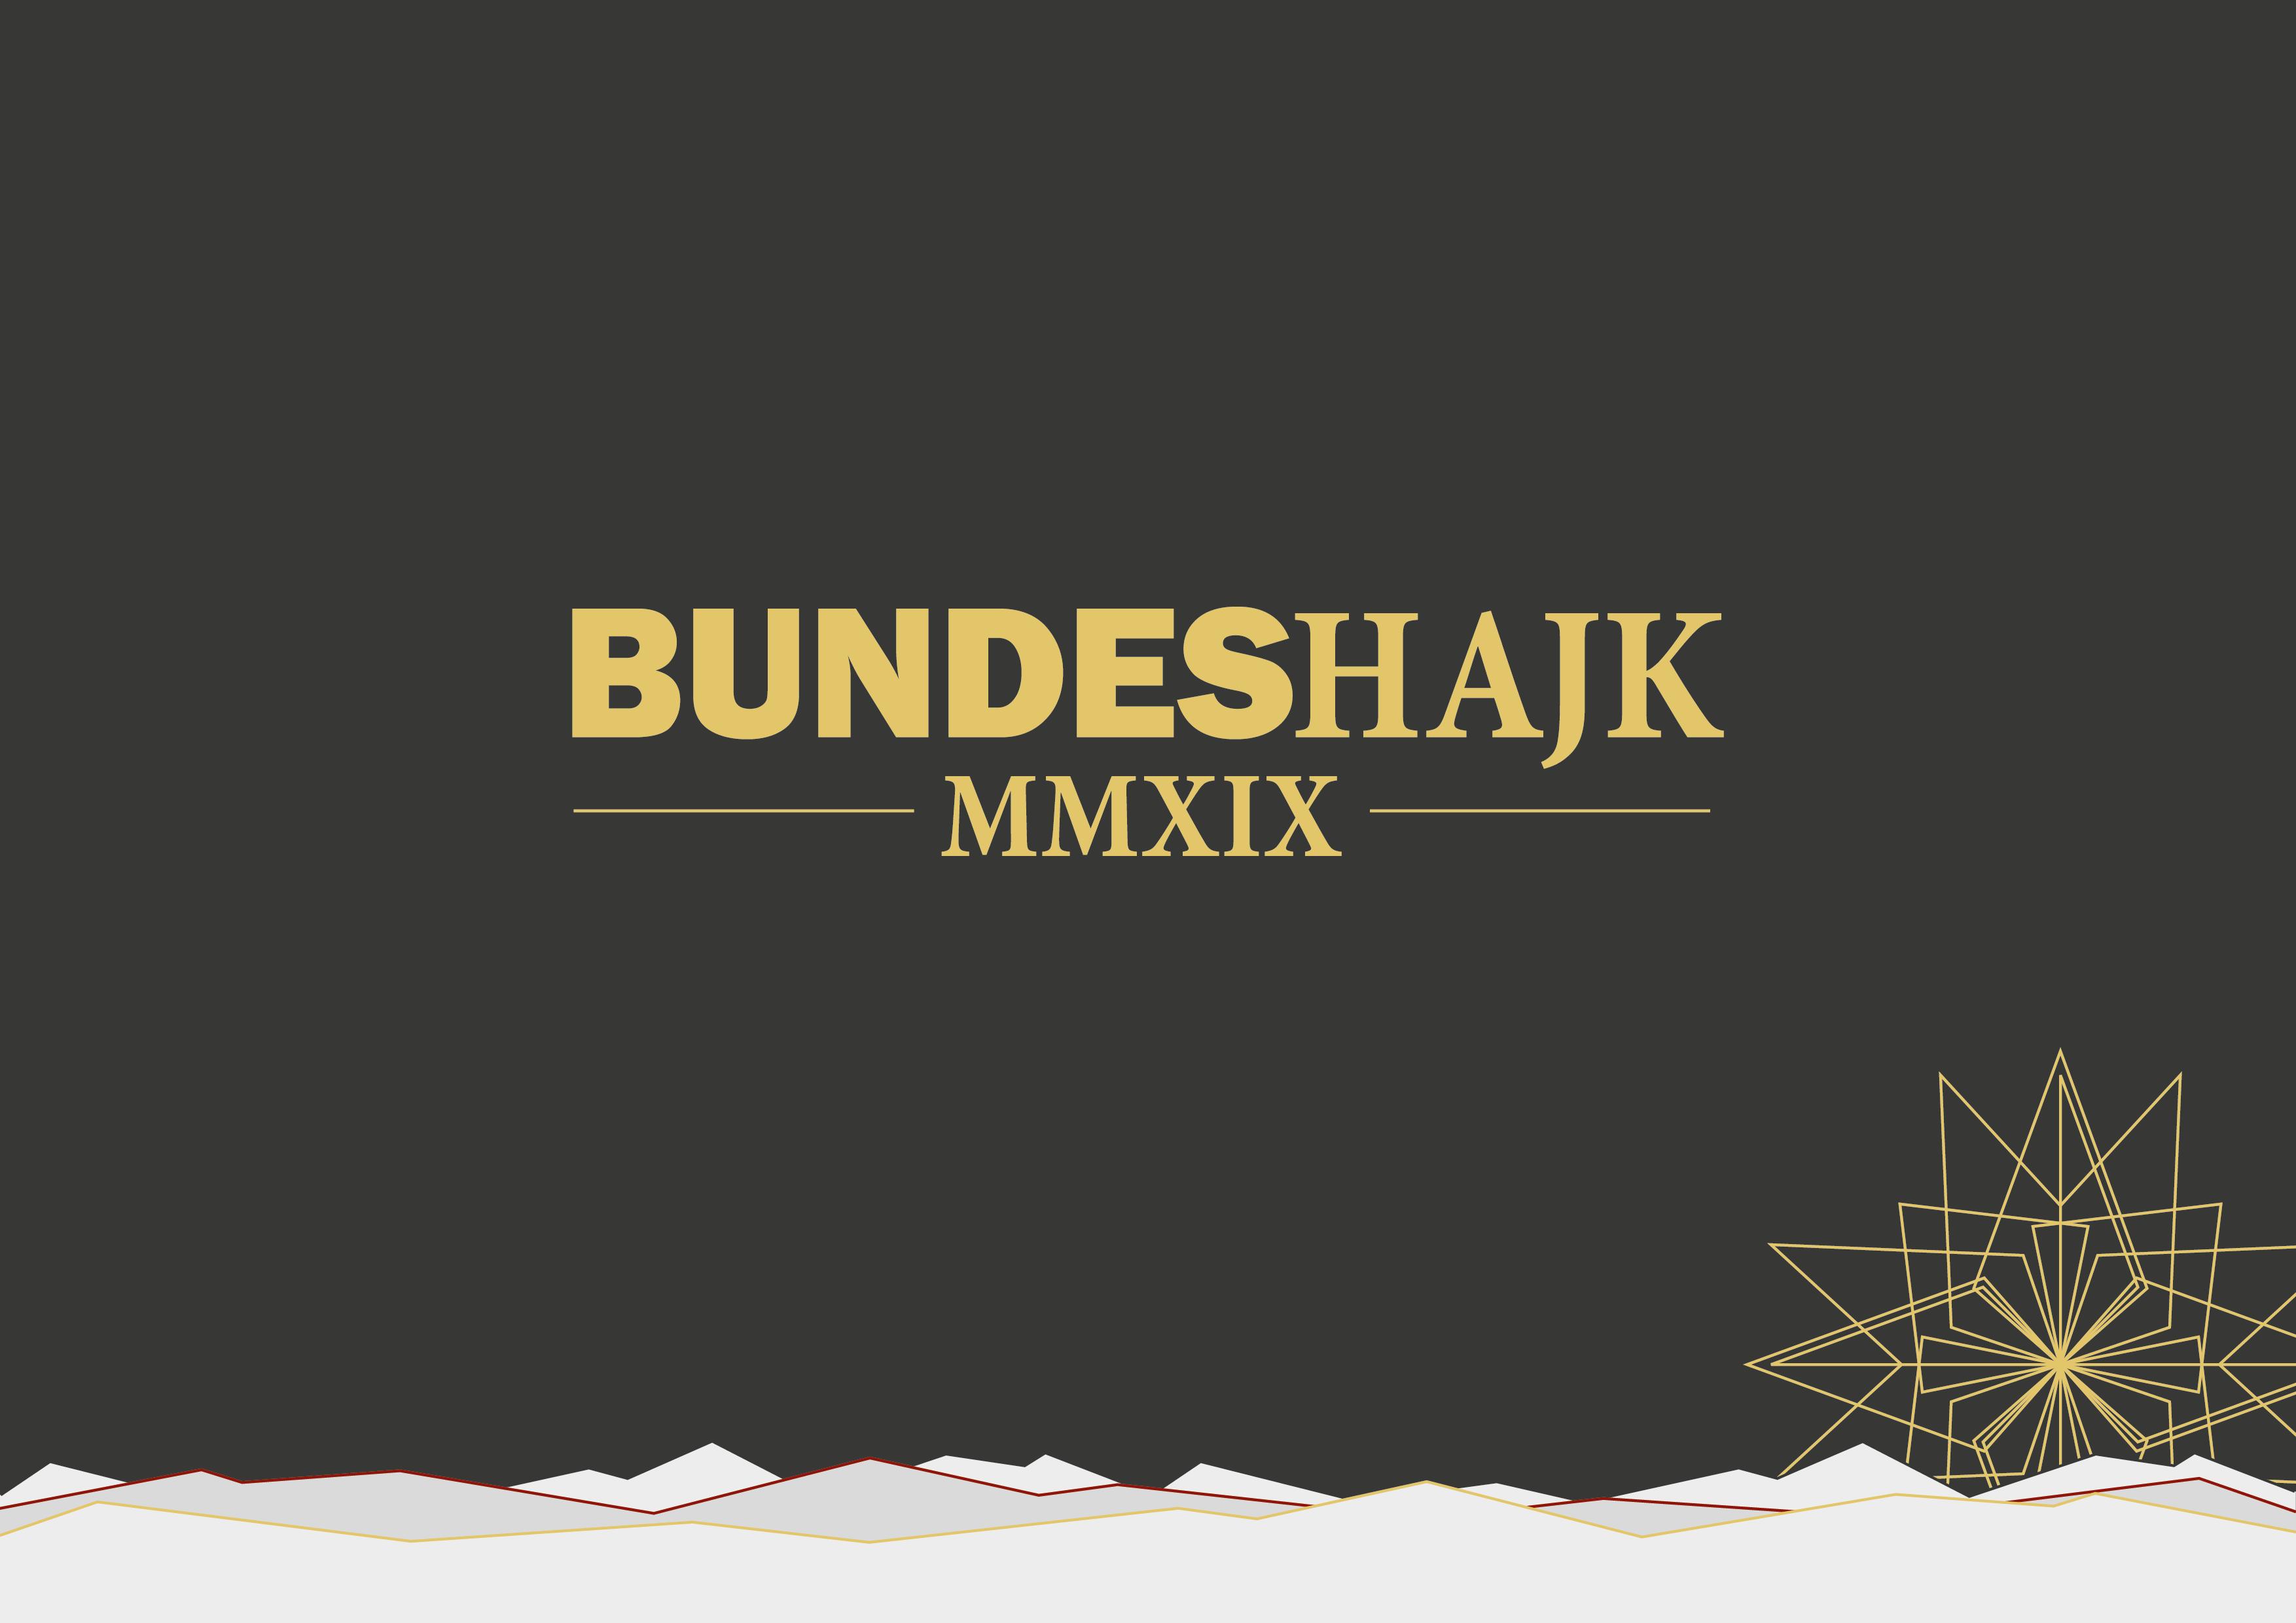 Bundeshajk 2019